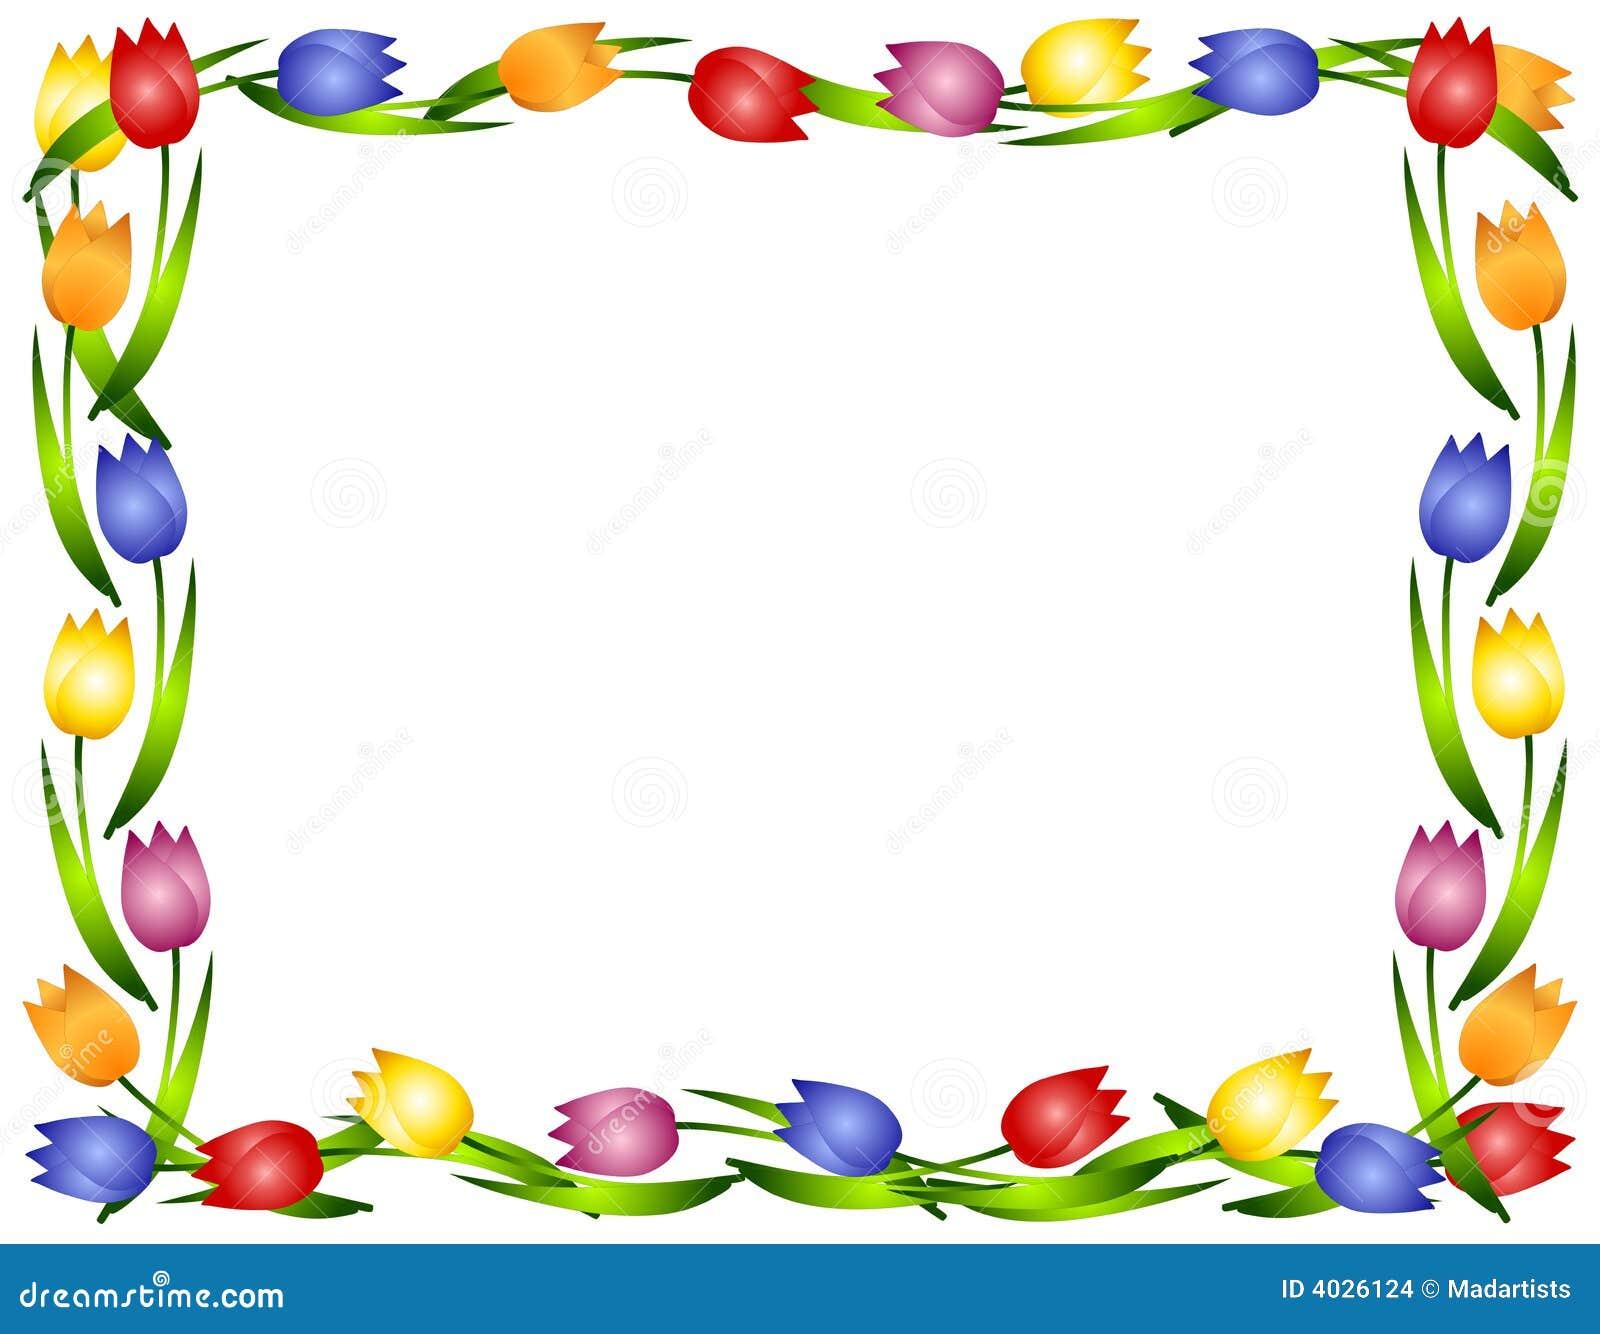 Marco o frontera de la flor de los tulipanes del resorte